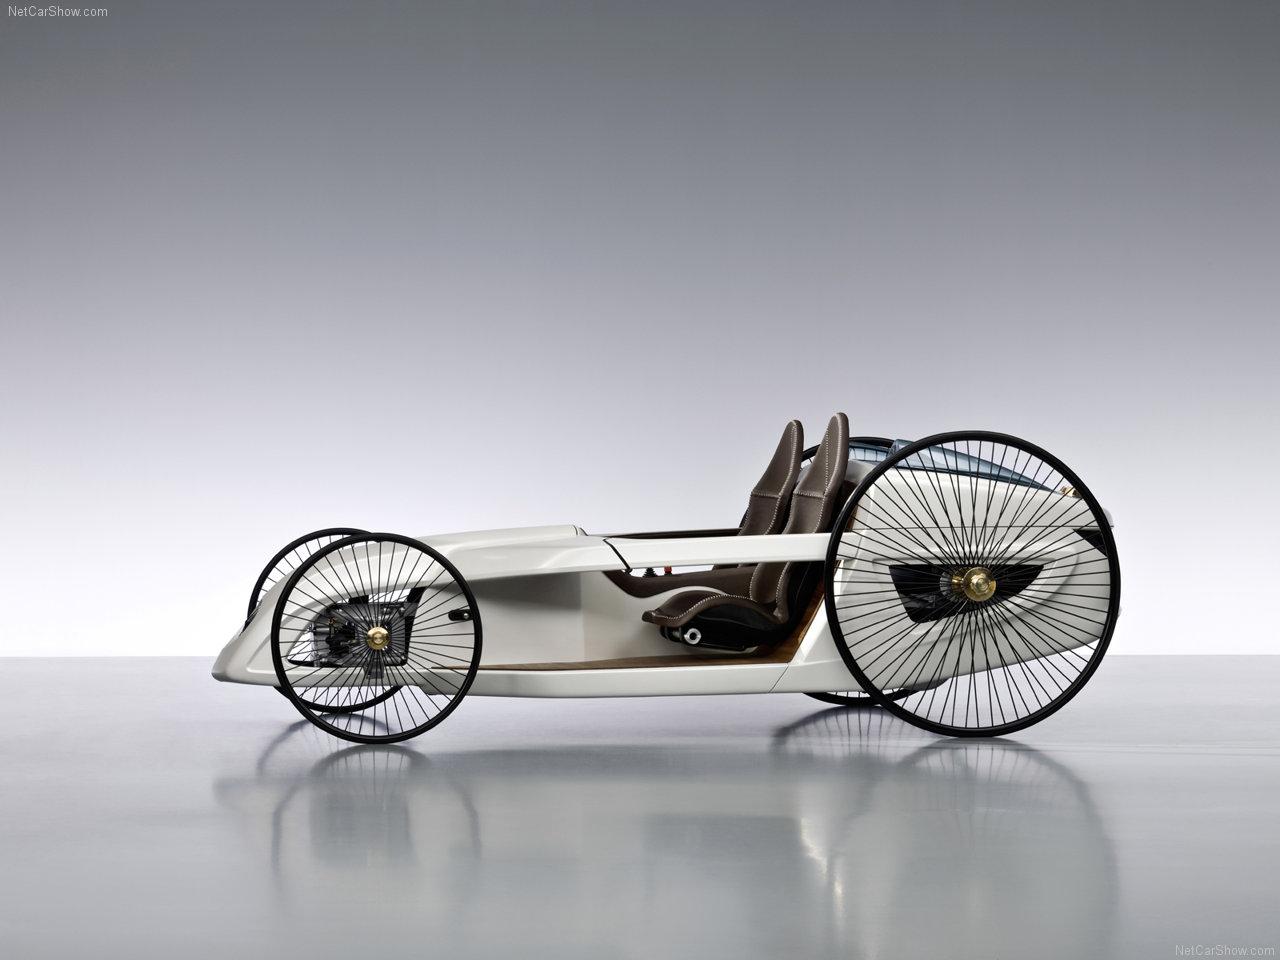 http://1.bp.blogspot.com/-Tr92yrQJLes/TWui08T8D3I/AAAAAAACLcQ/M392XCHFr1o/s1600/Mercedes-Benz-F-Cell_Roadster_Concept_2009_1280x960_wallpaper_06.jpg